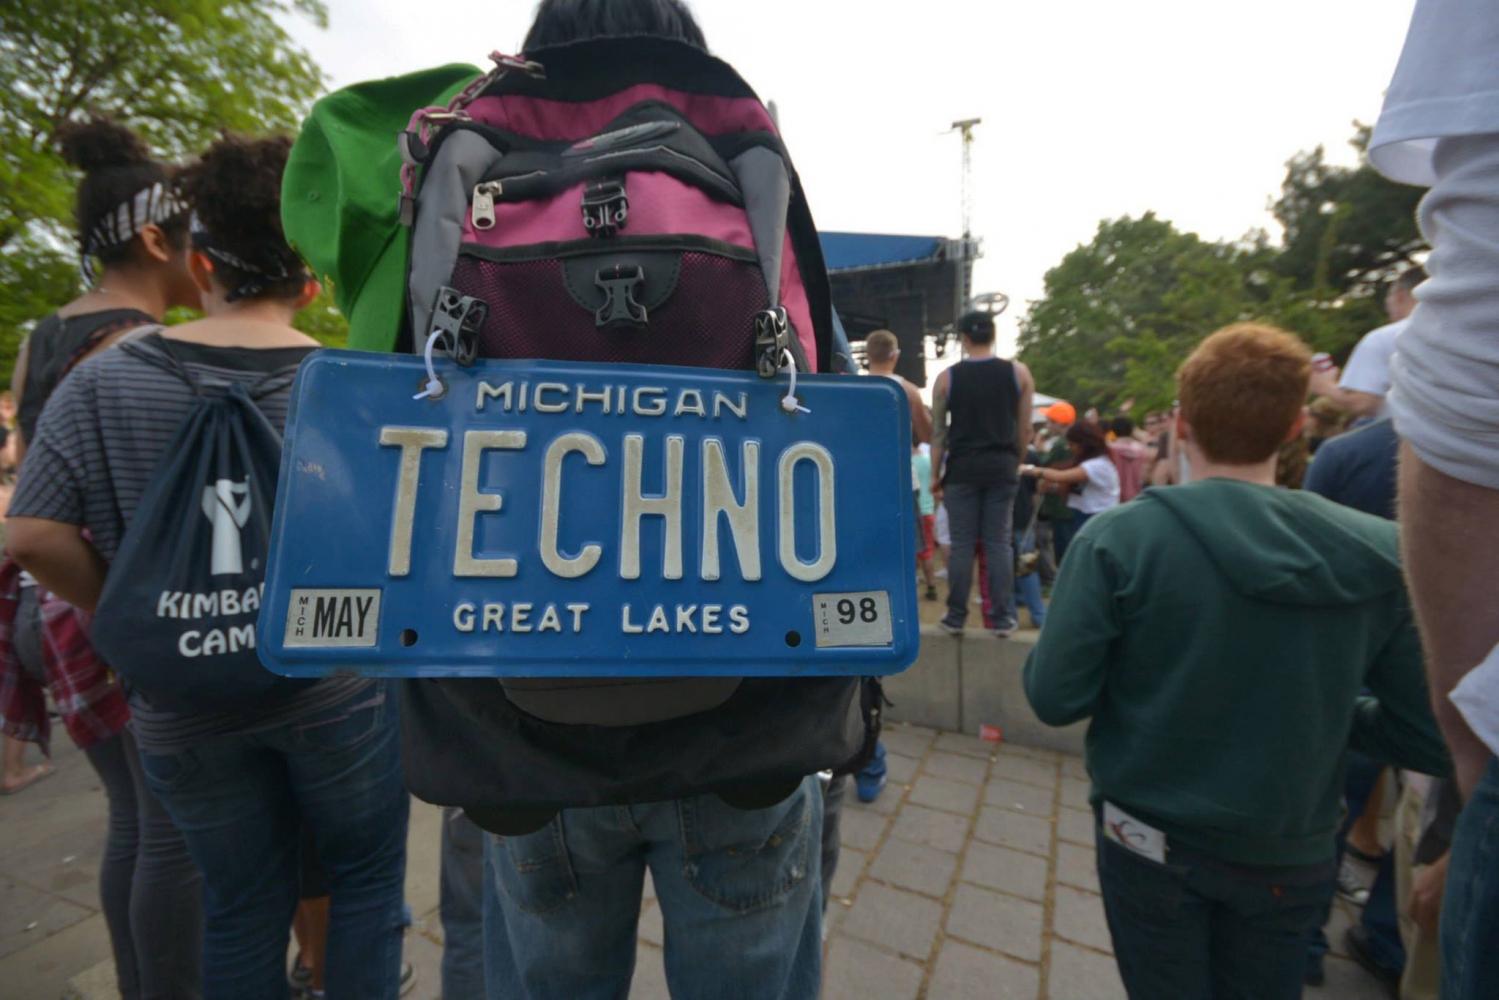 Michigan Techno